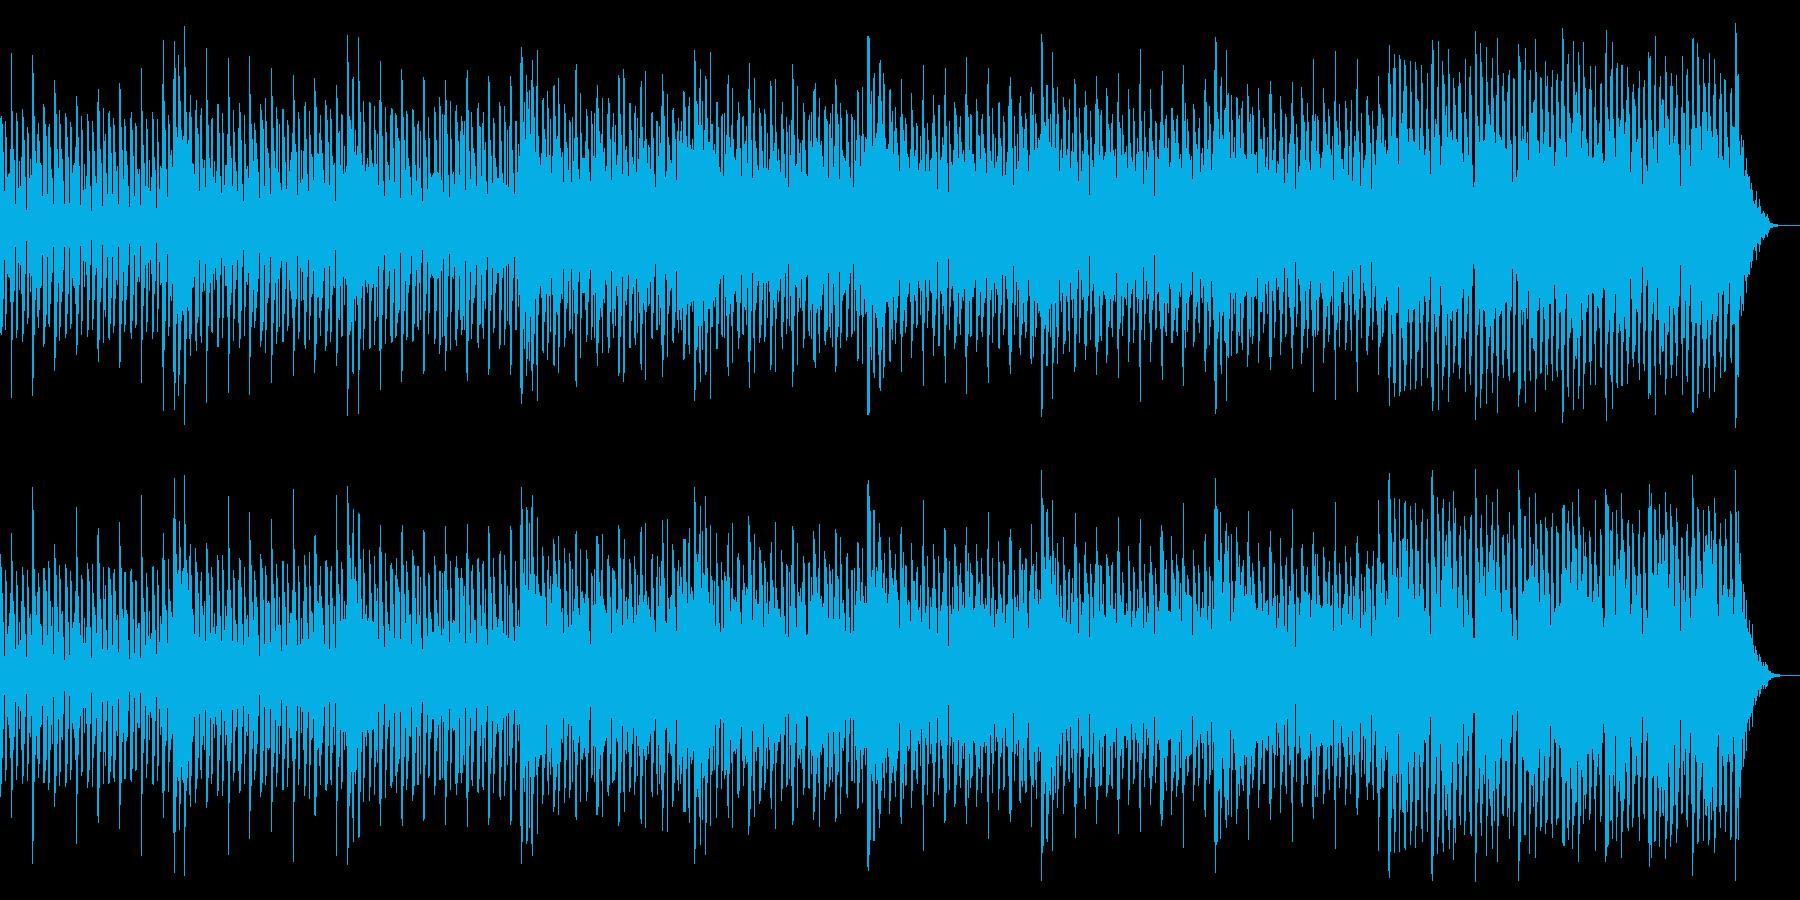 科学のテレビ番組 宇宙的 クイズ番組の再生済みの波形